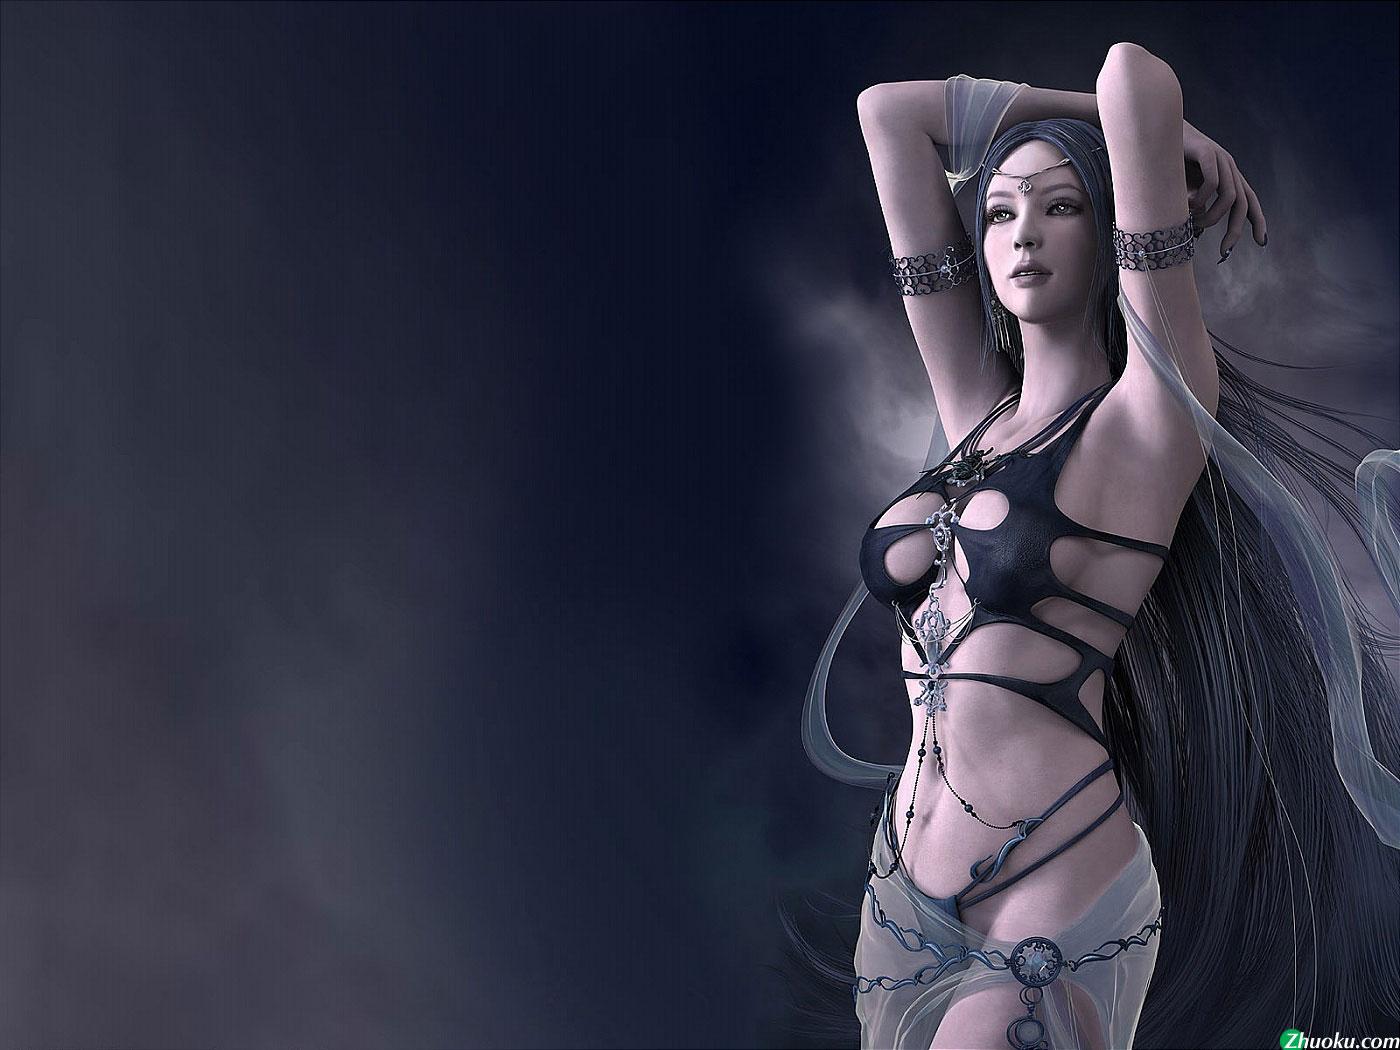 不论是cg还是手绘 这种类型的美女都不可能在游戏中